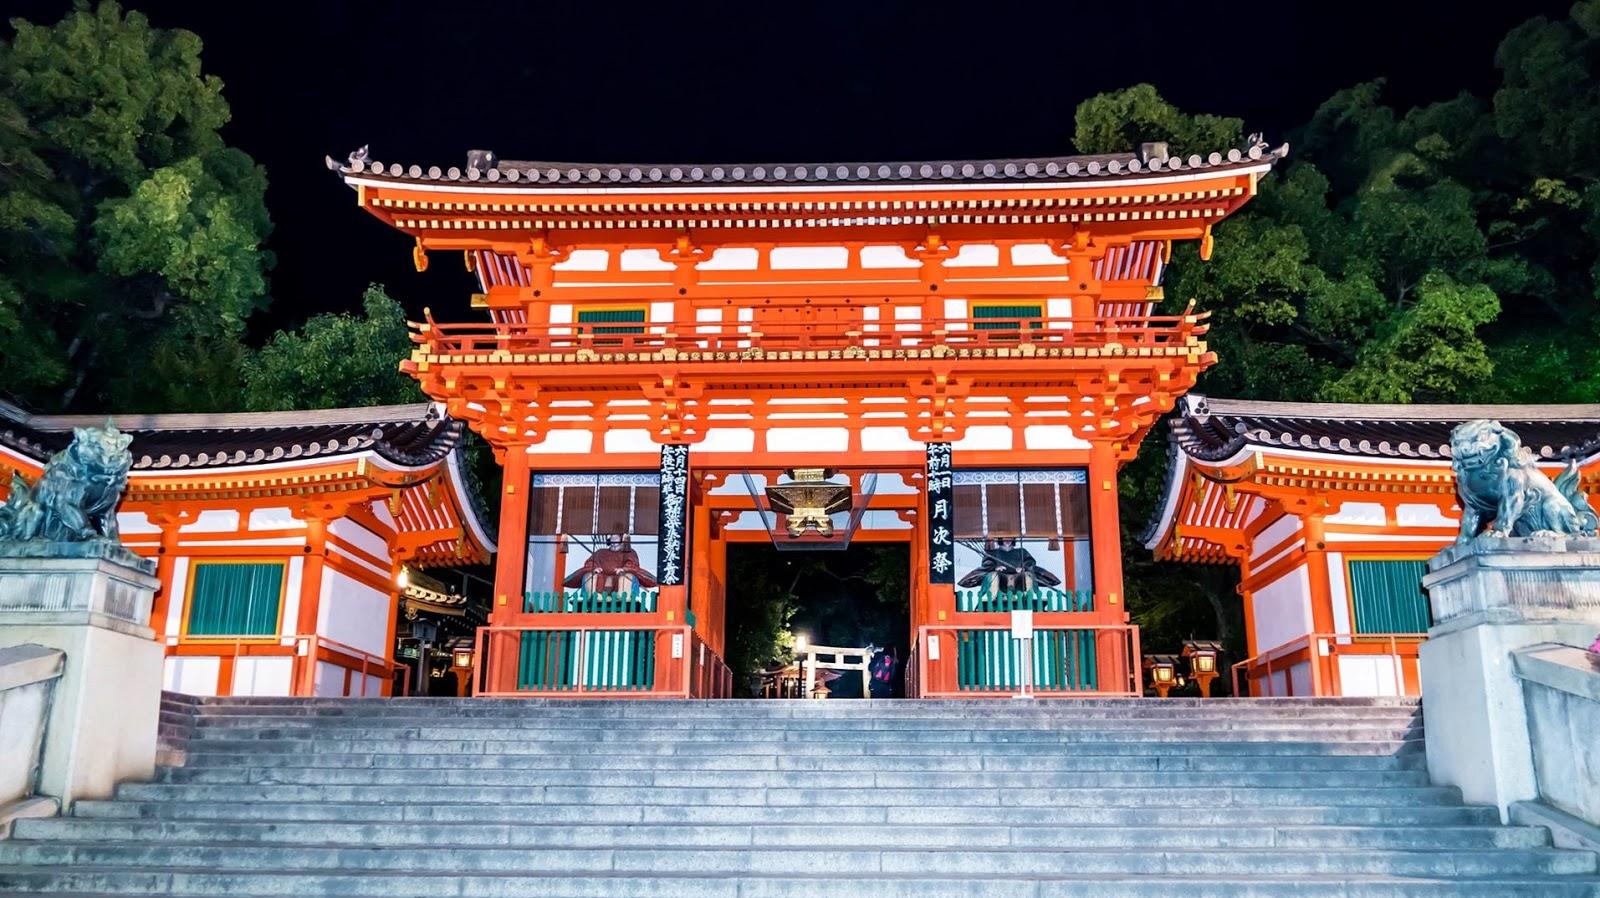 京都-京都景點-推薦-八坂神社-Yasaka Shrine-自由行-旅遊-市區-京都必去景點-京都好玩景點-行程-京都必遊景點-日本-Kyoto-Tourist-Attraction